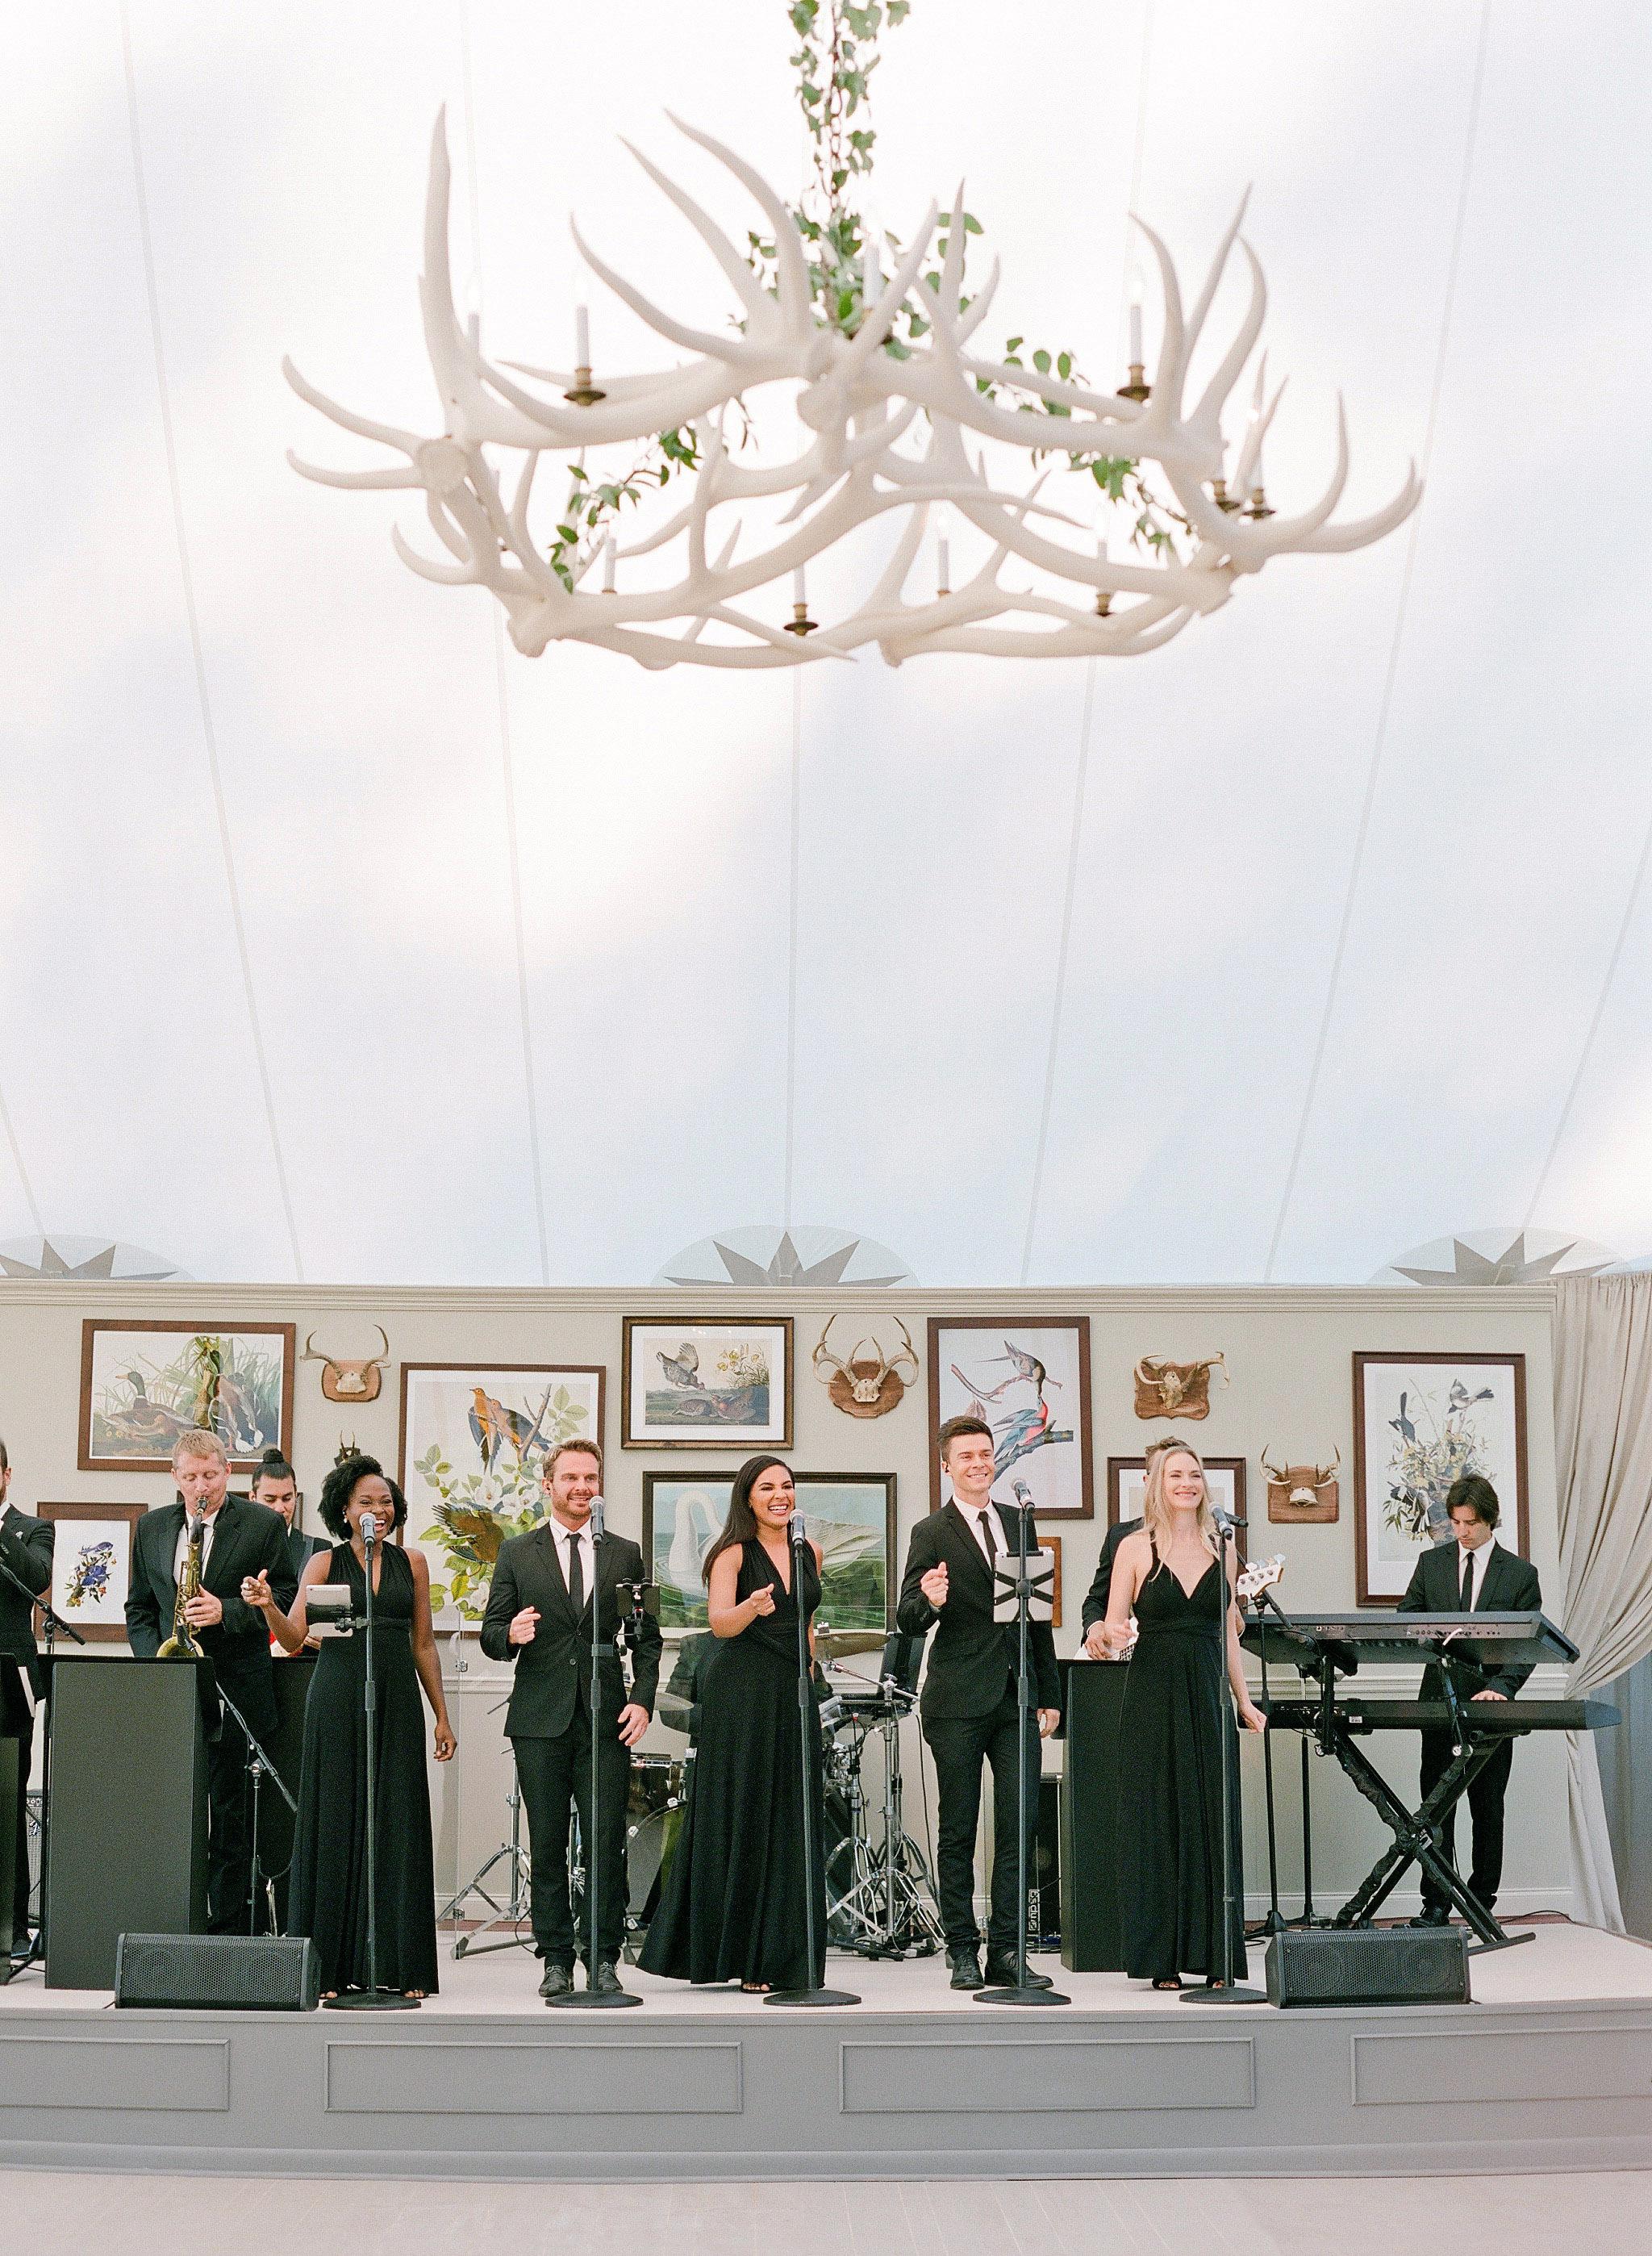 bessie john wedding band singing